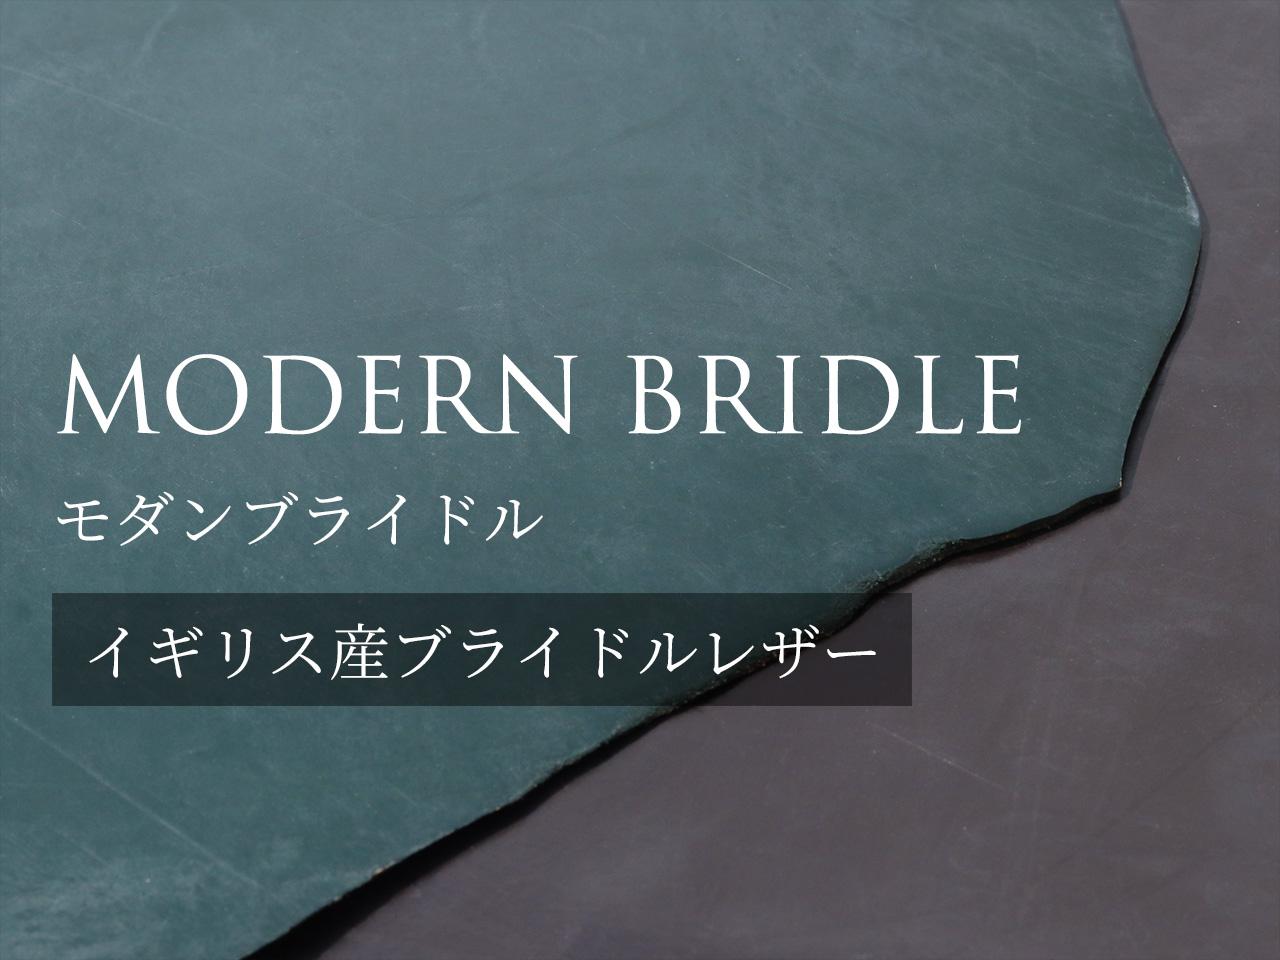 MODERN BRIDLE(モダンブライドル)について